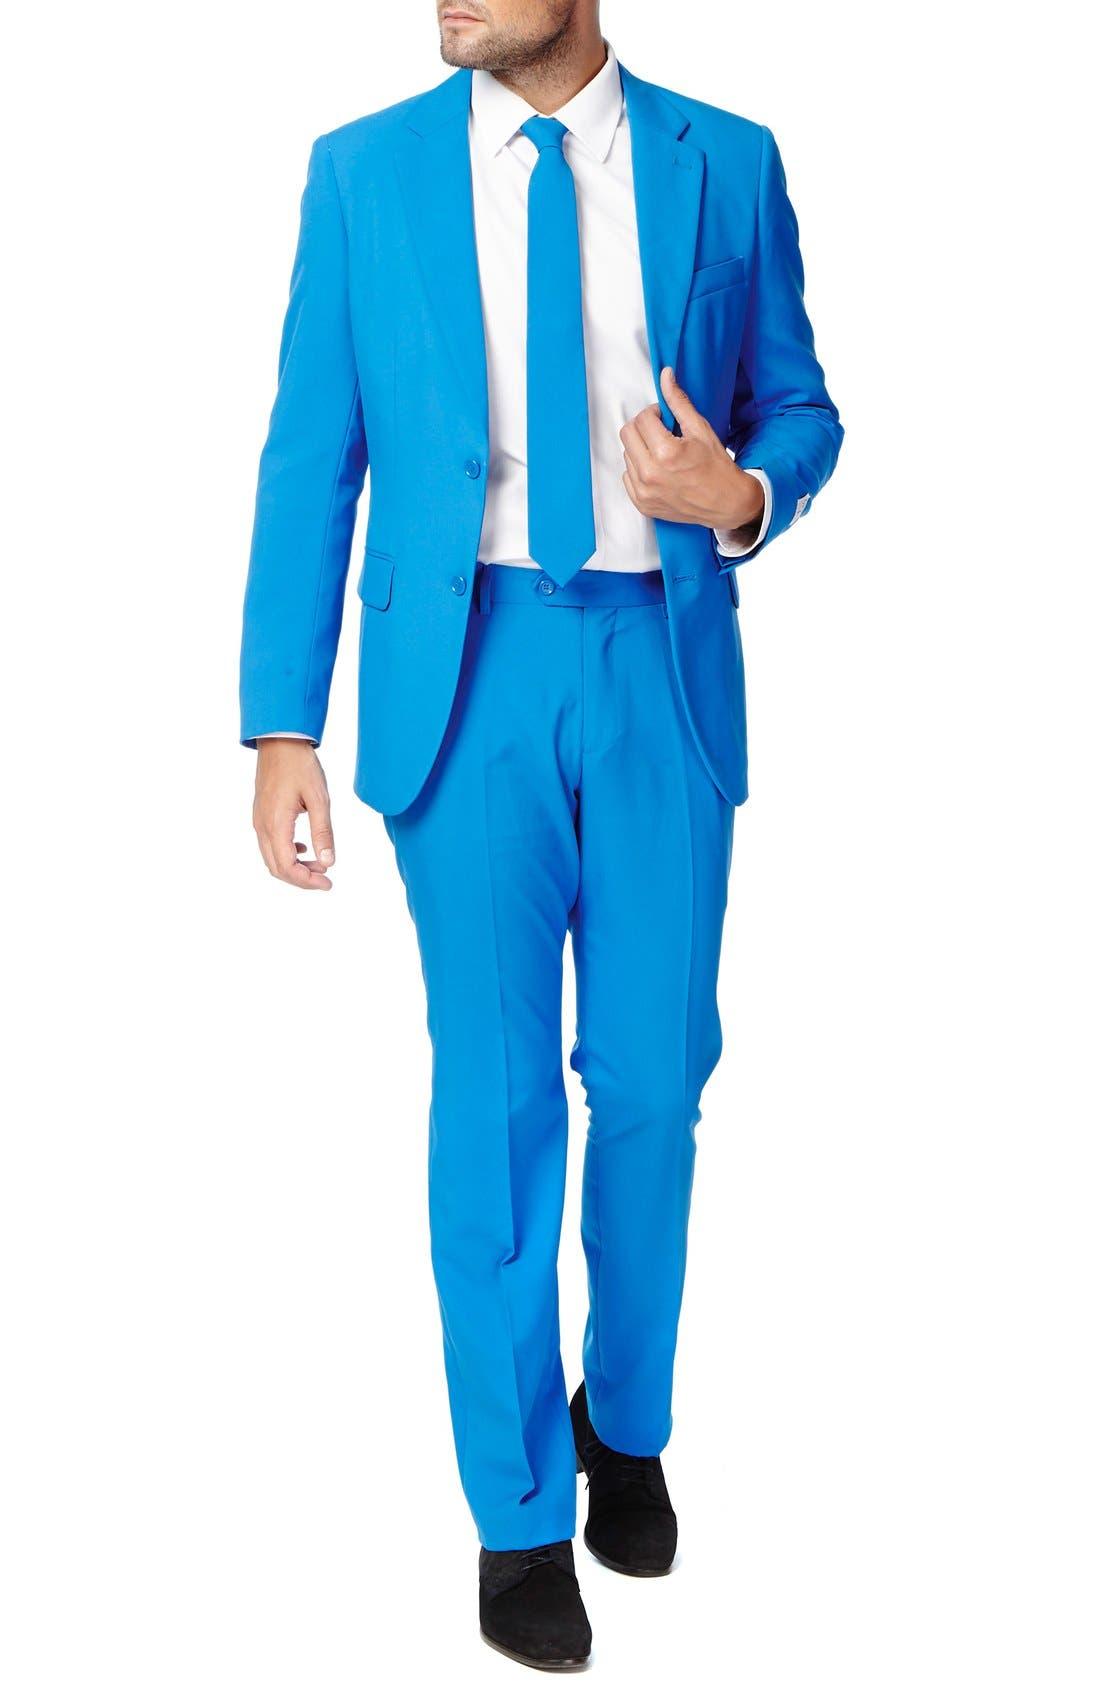 'Stars & Stripes' Trim Fit Suit with Tie,                             Main thumbnail 1, color,                             Blue